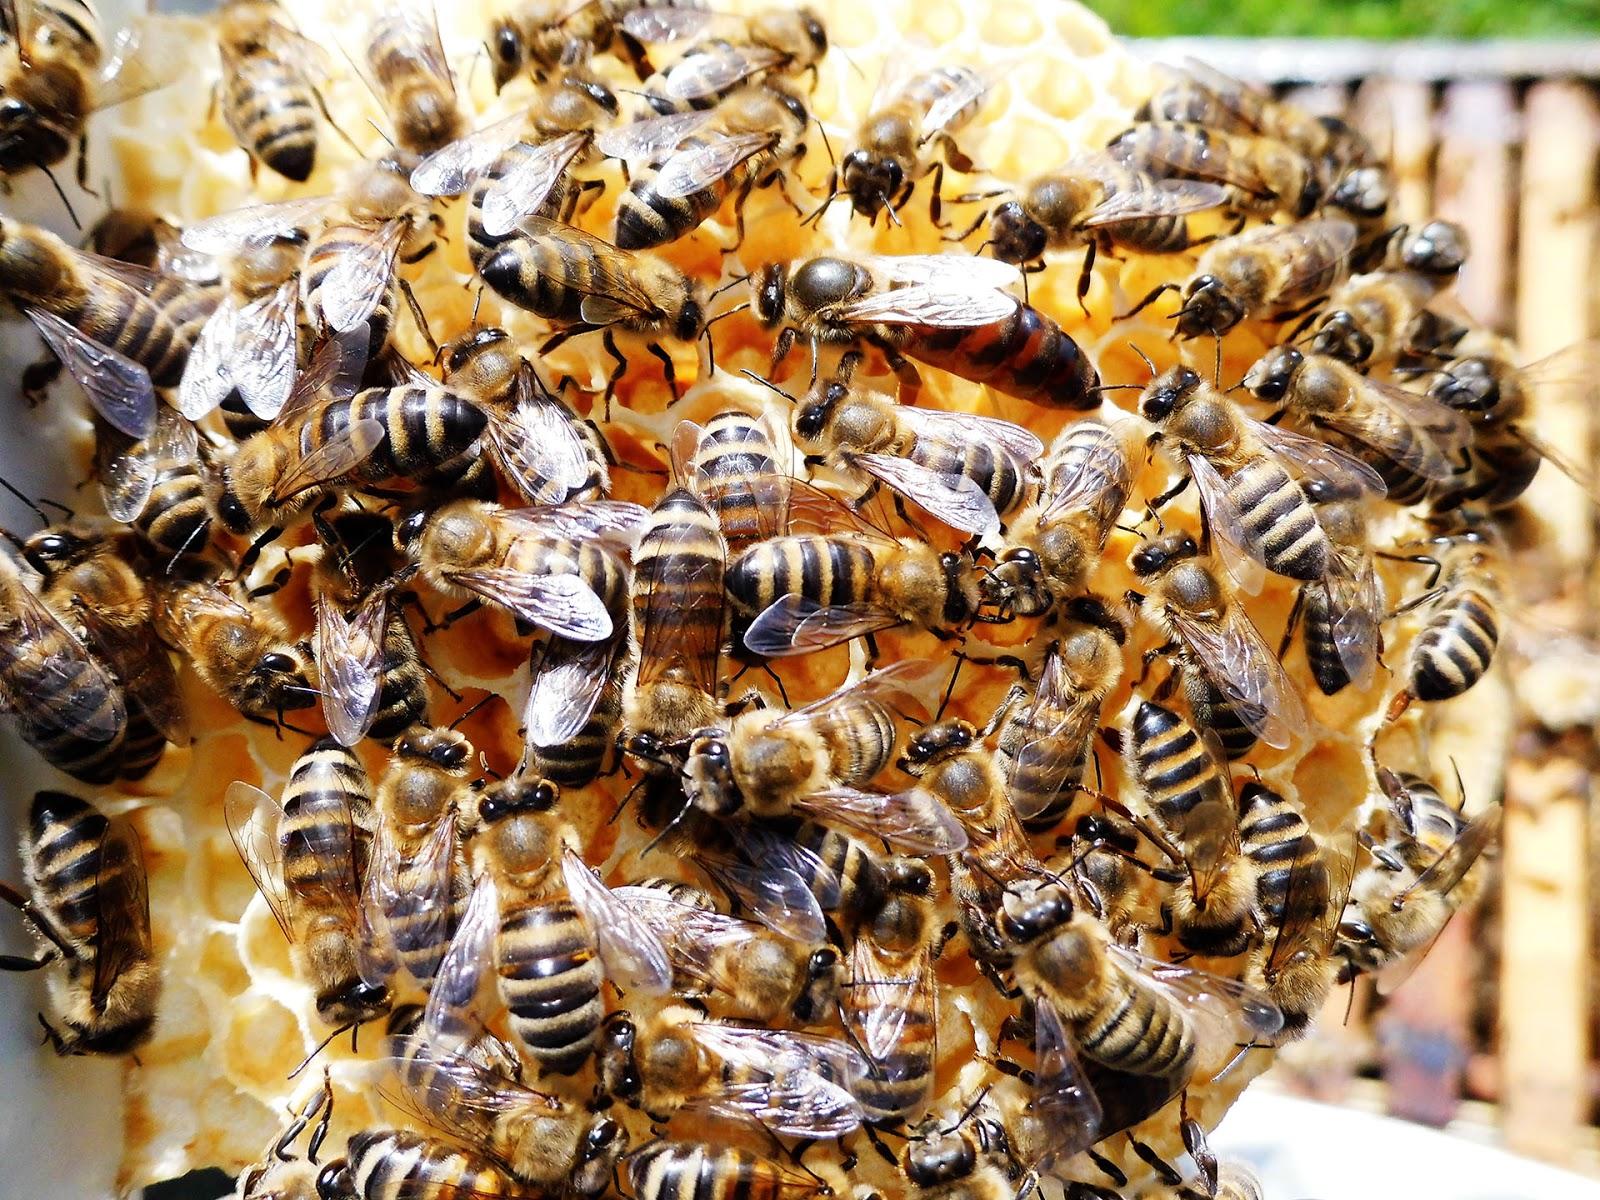 Karniyol ana arı satışı-f1 karniyol satisi-ana ari satisi